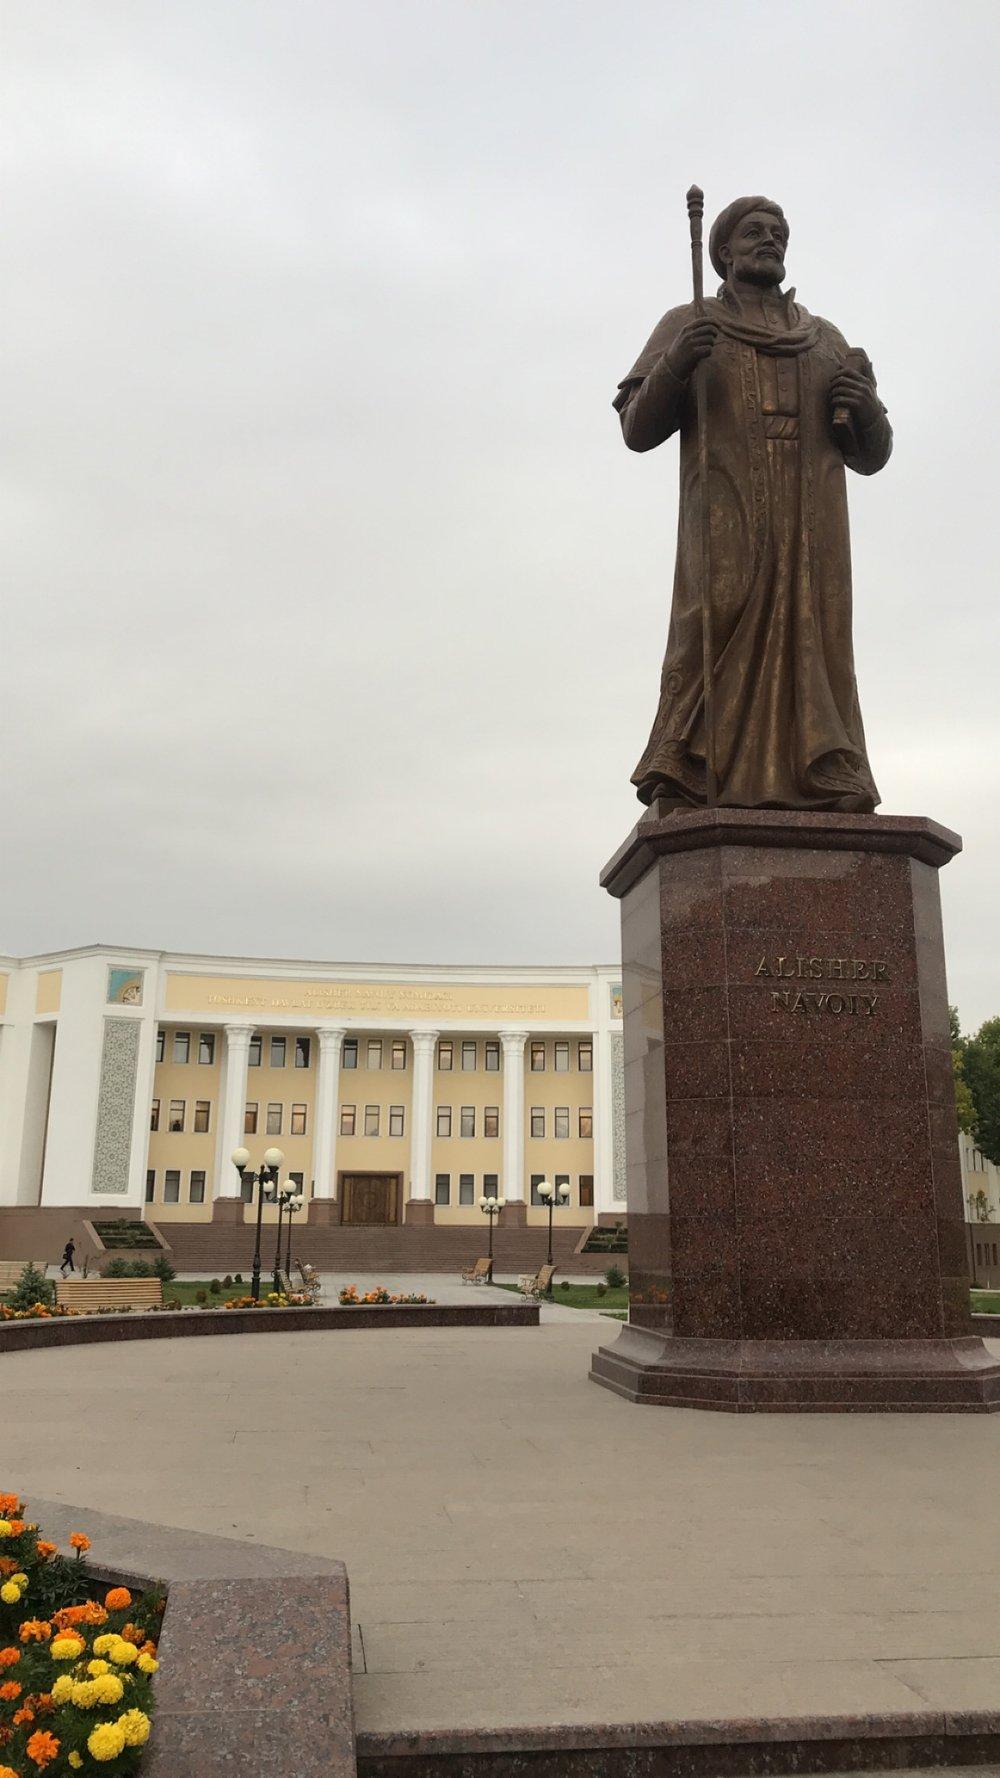 علي شير النووي - مؤسس اللغة الأوزبكيةتمثال وضع أمام جامعة طشقند